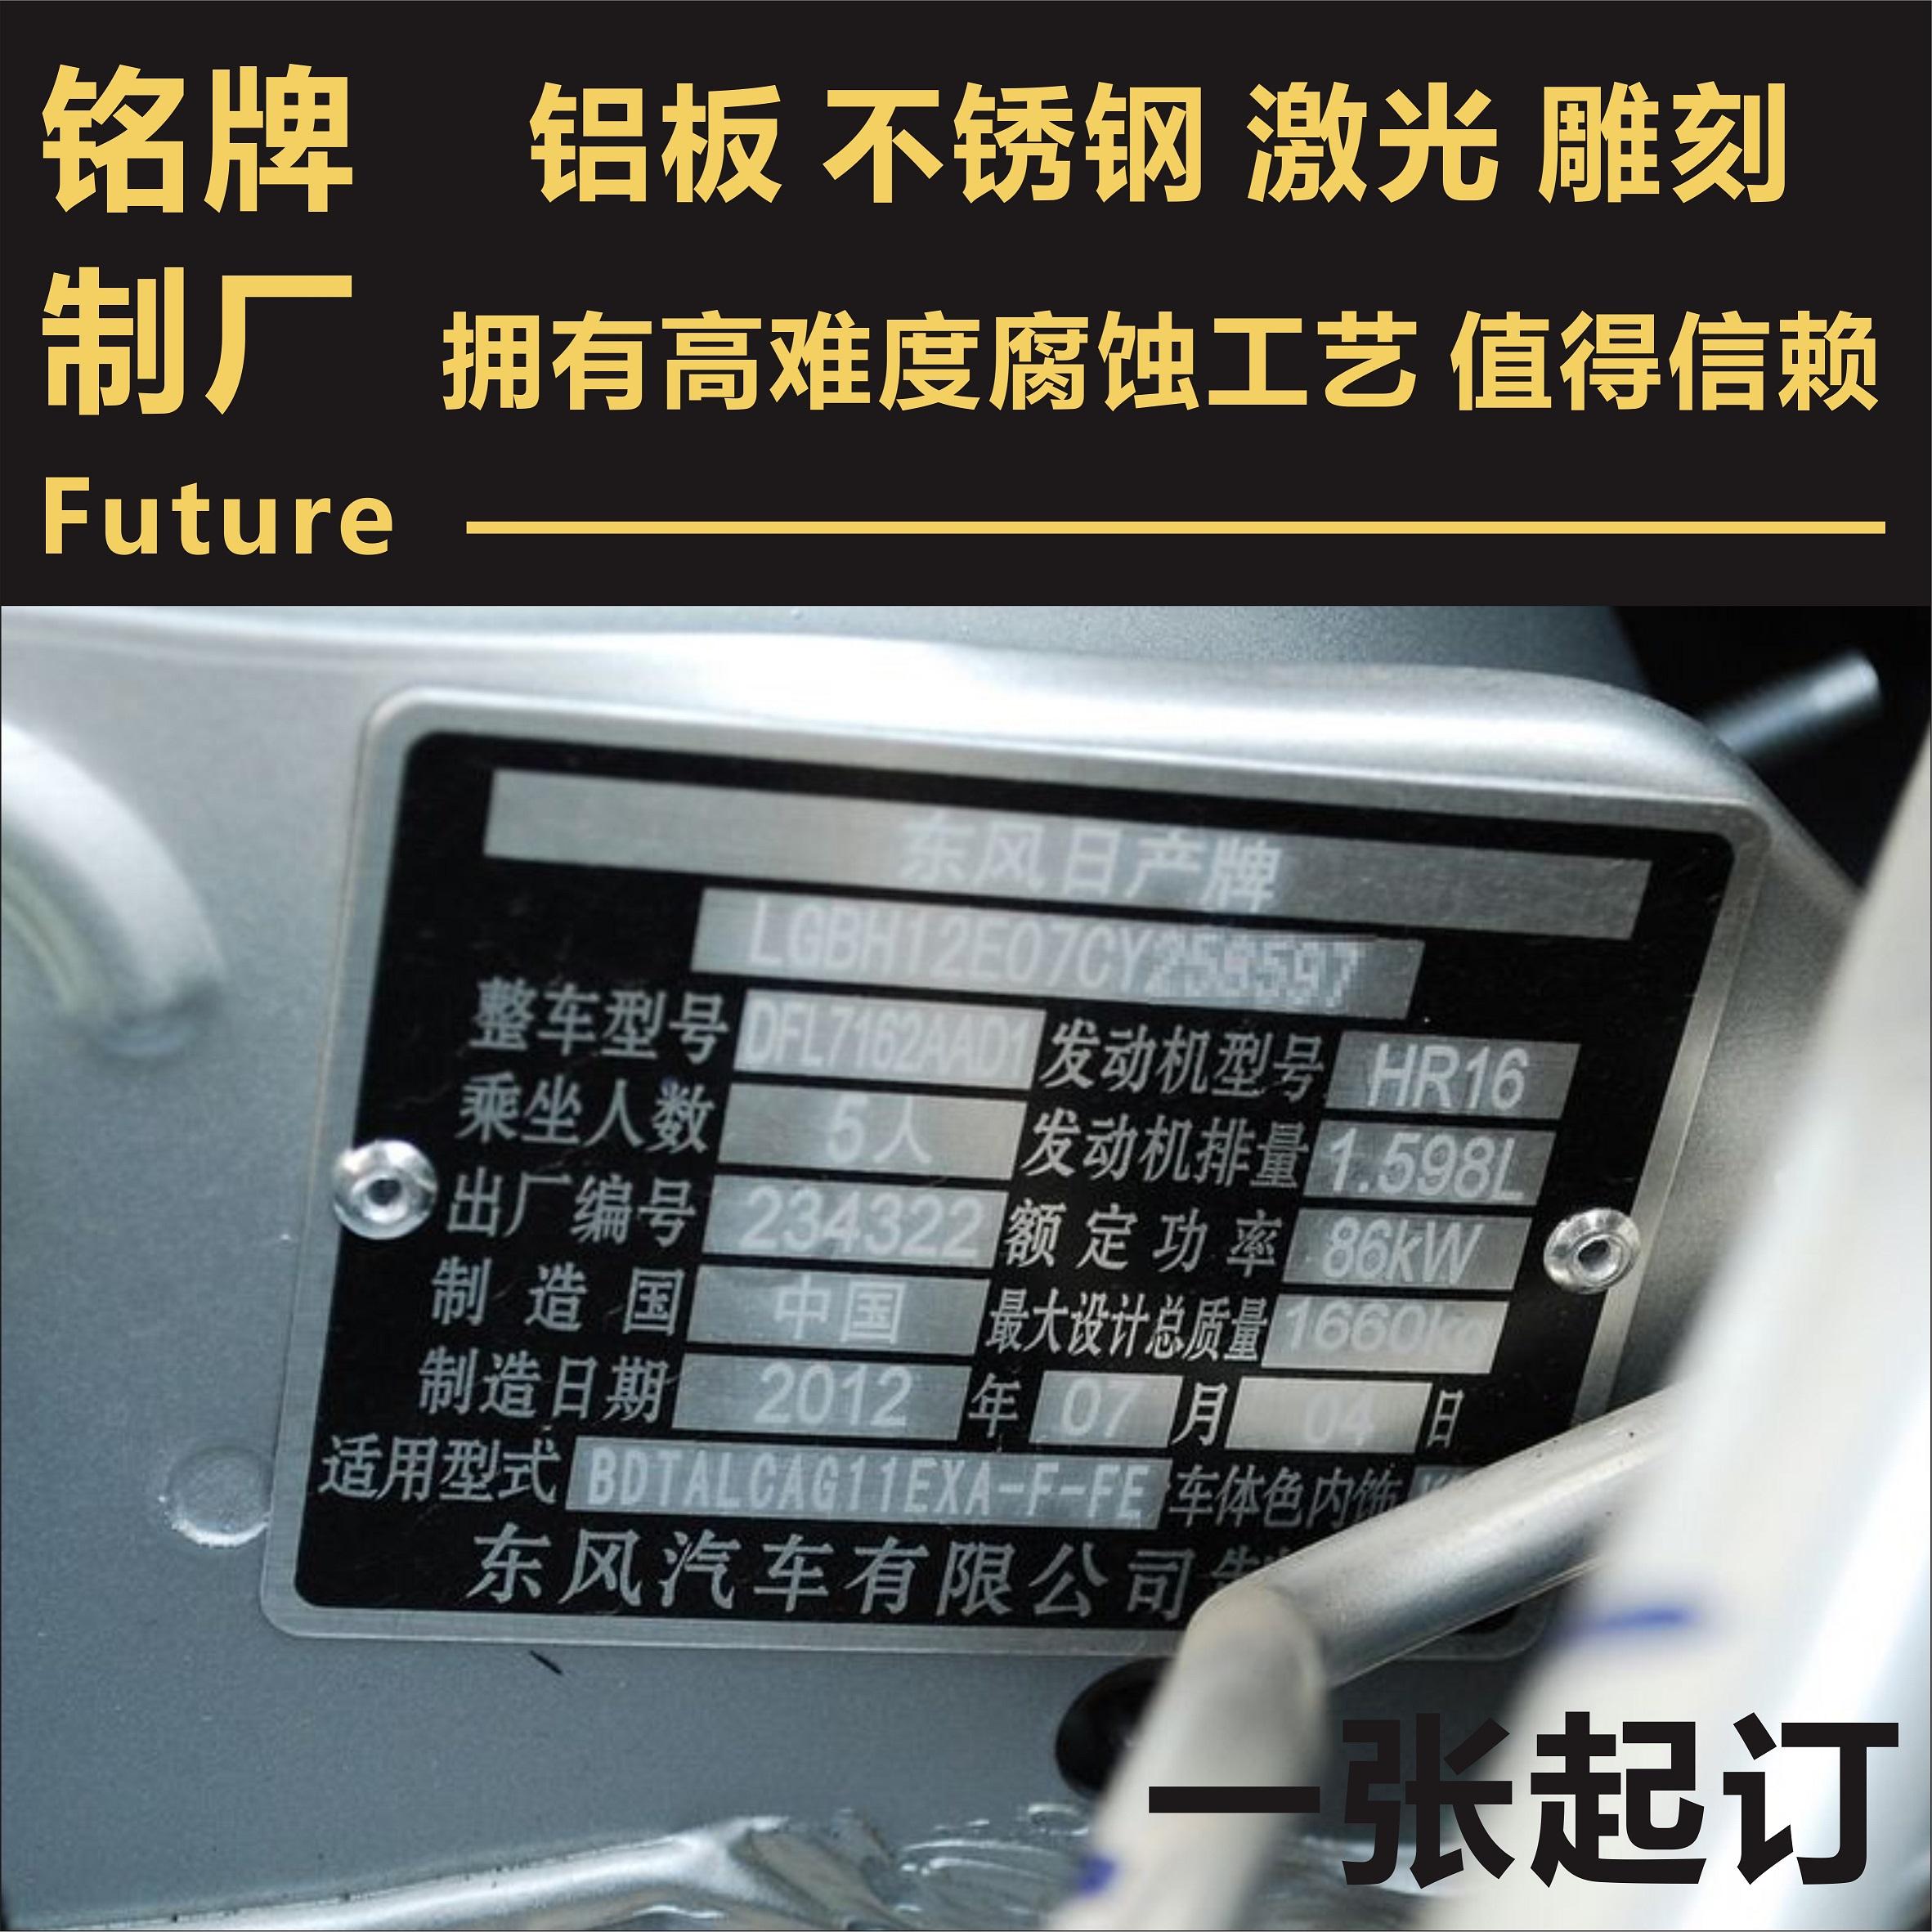 Bảng tên tùy chỉnh tấm nhôm liệt kê thép không gỉ Ăn mòn sâu khắc laser Máy thiết bị dấu hiệu tùy chỉnh ngoài trời - Thiết bị đóng gói / Dấu hiệu & Thiết bị